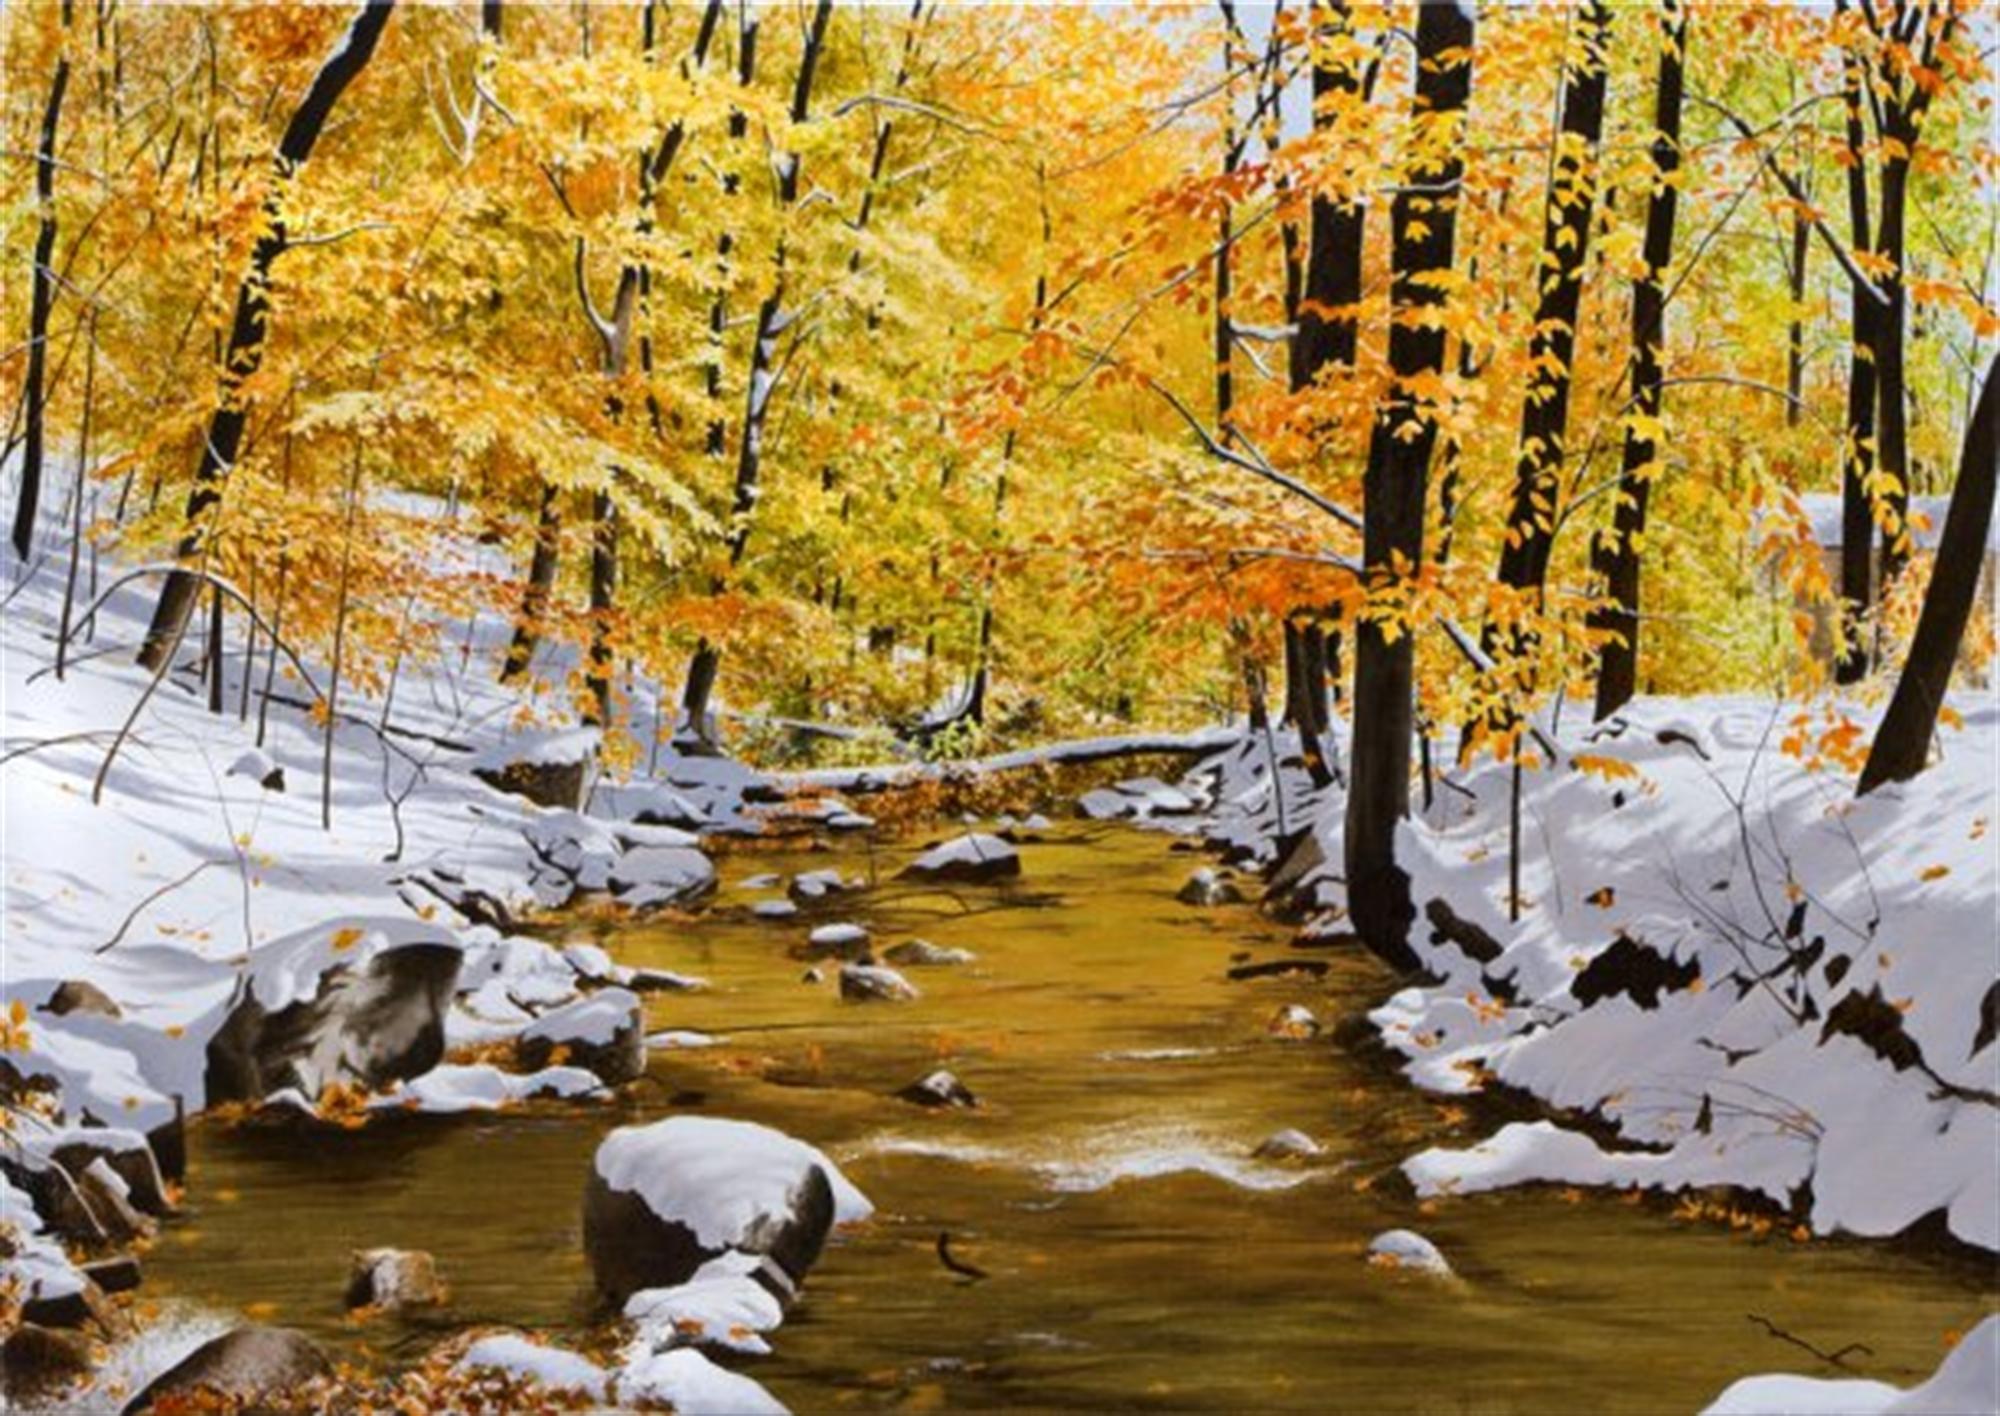 October Snowfall by Alexander Volkov